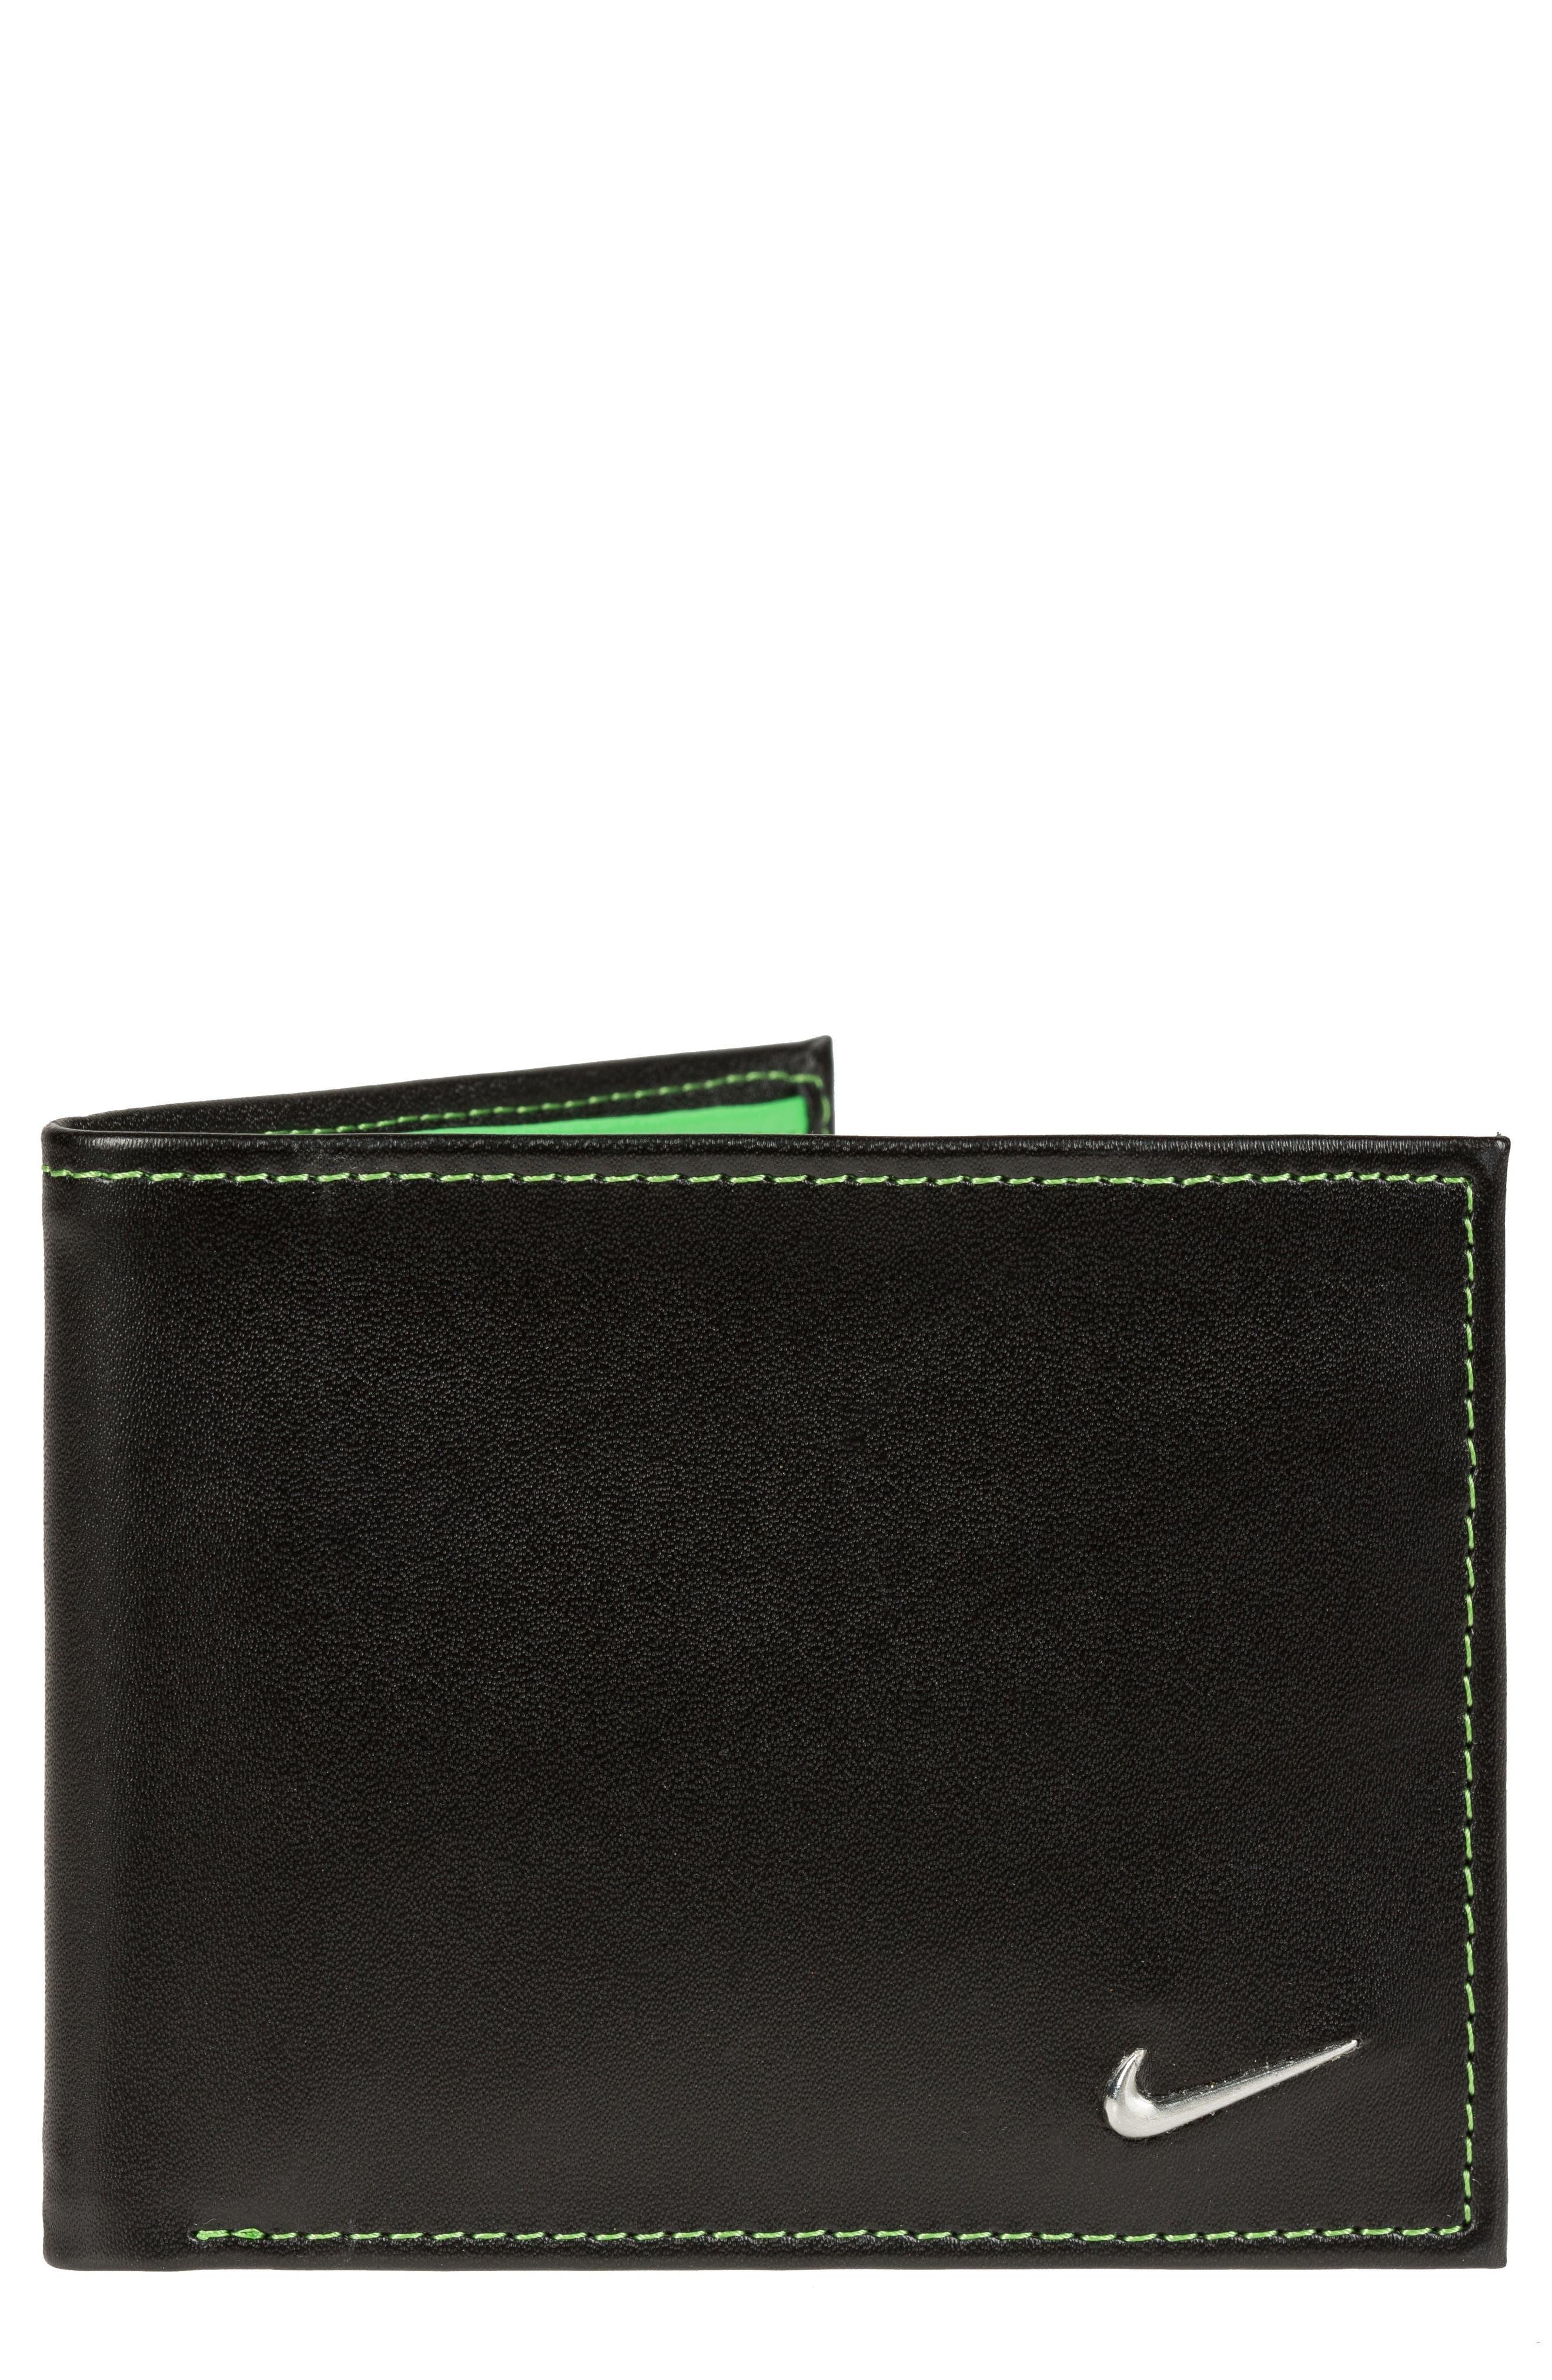 Nike Modern Leather Wallet